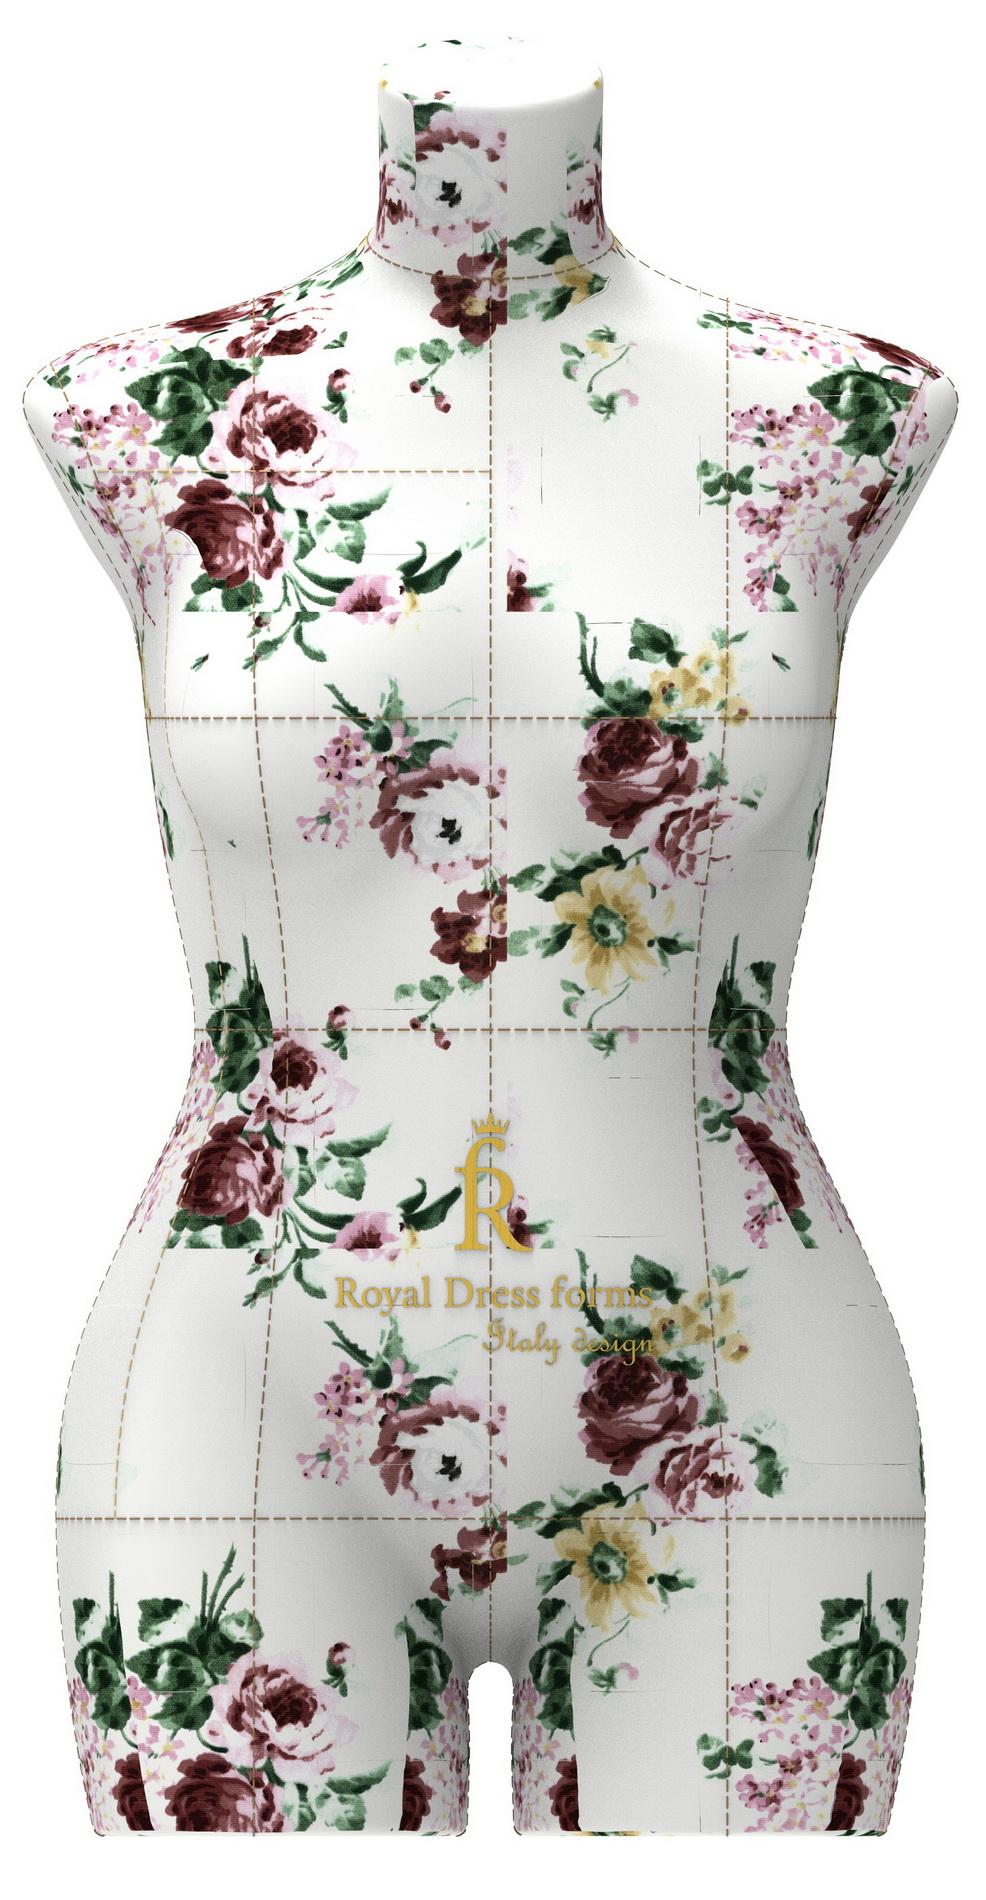 Манекен Monica р. 46 (цв. цветочный, подставка